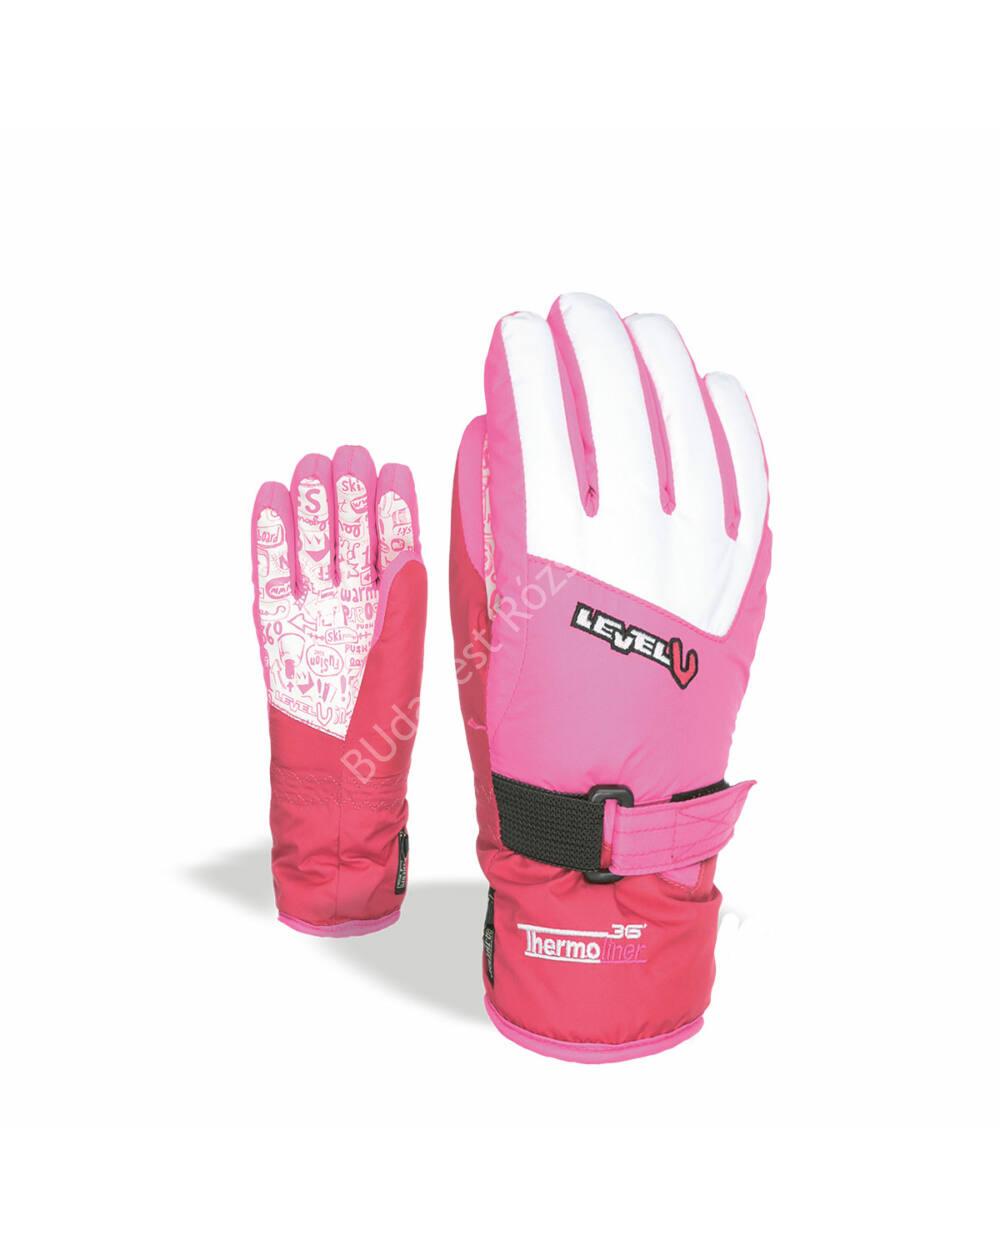 Level Glove Junior gyerek síkesztyű, purple, 5-6 éves